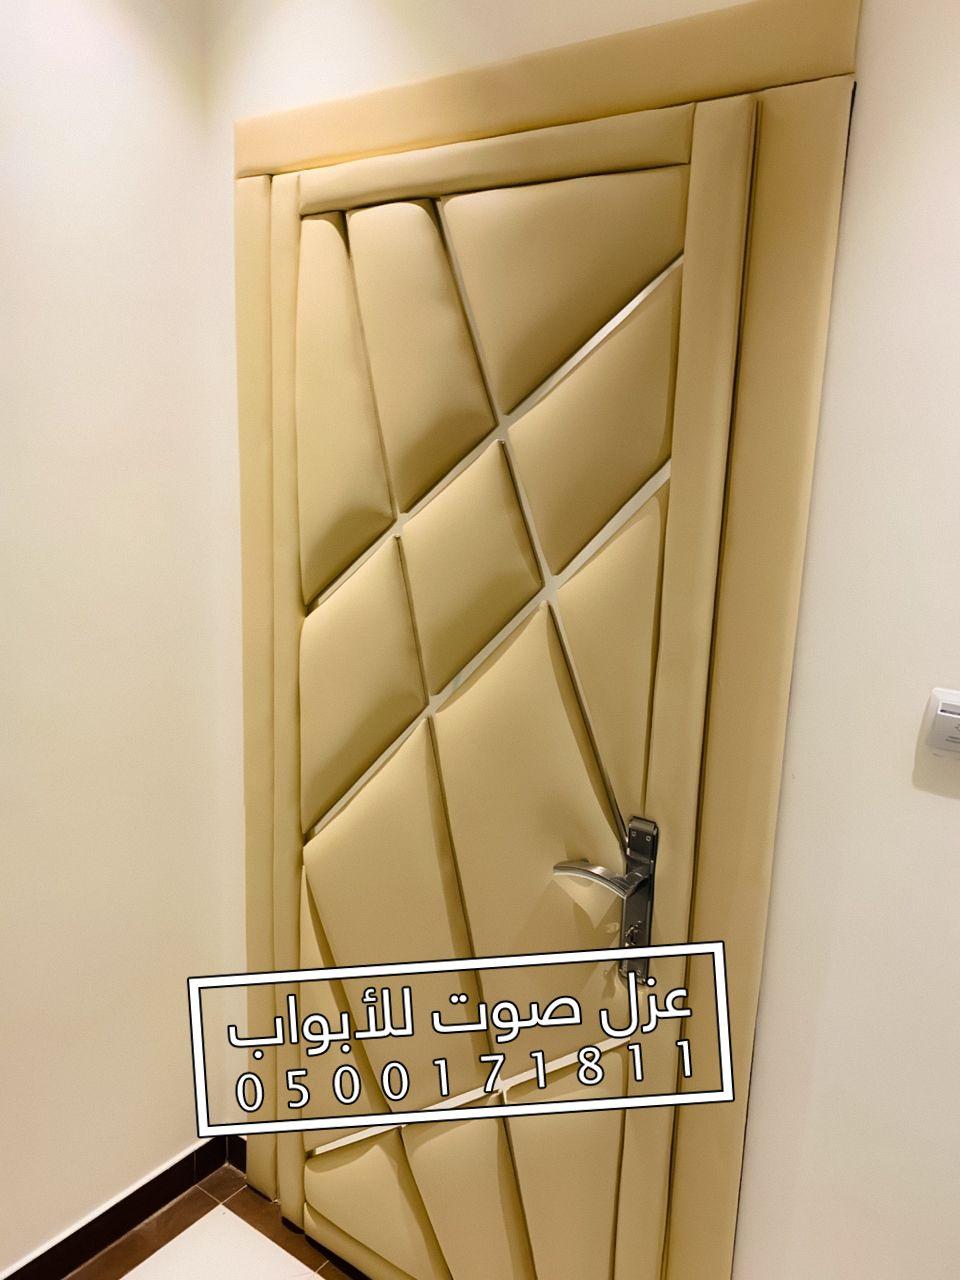 العازل القوي للابواب عزل صوت باب ابواب الرياض Home Decor Decals Home Decor Decor